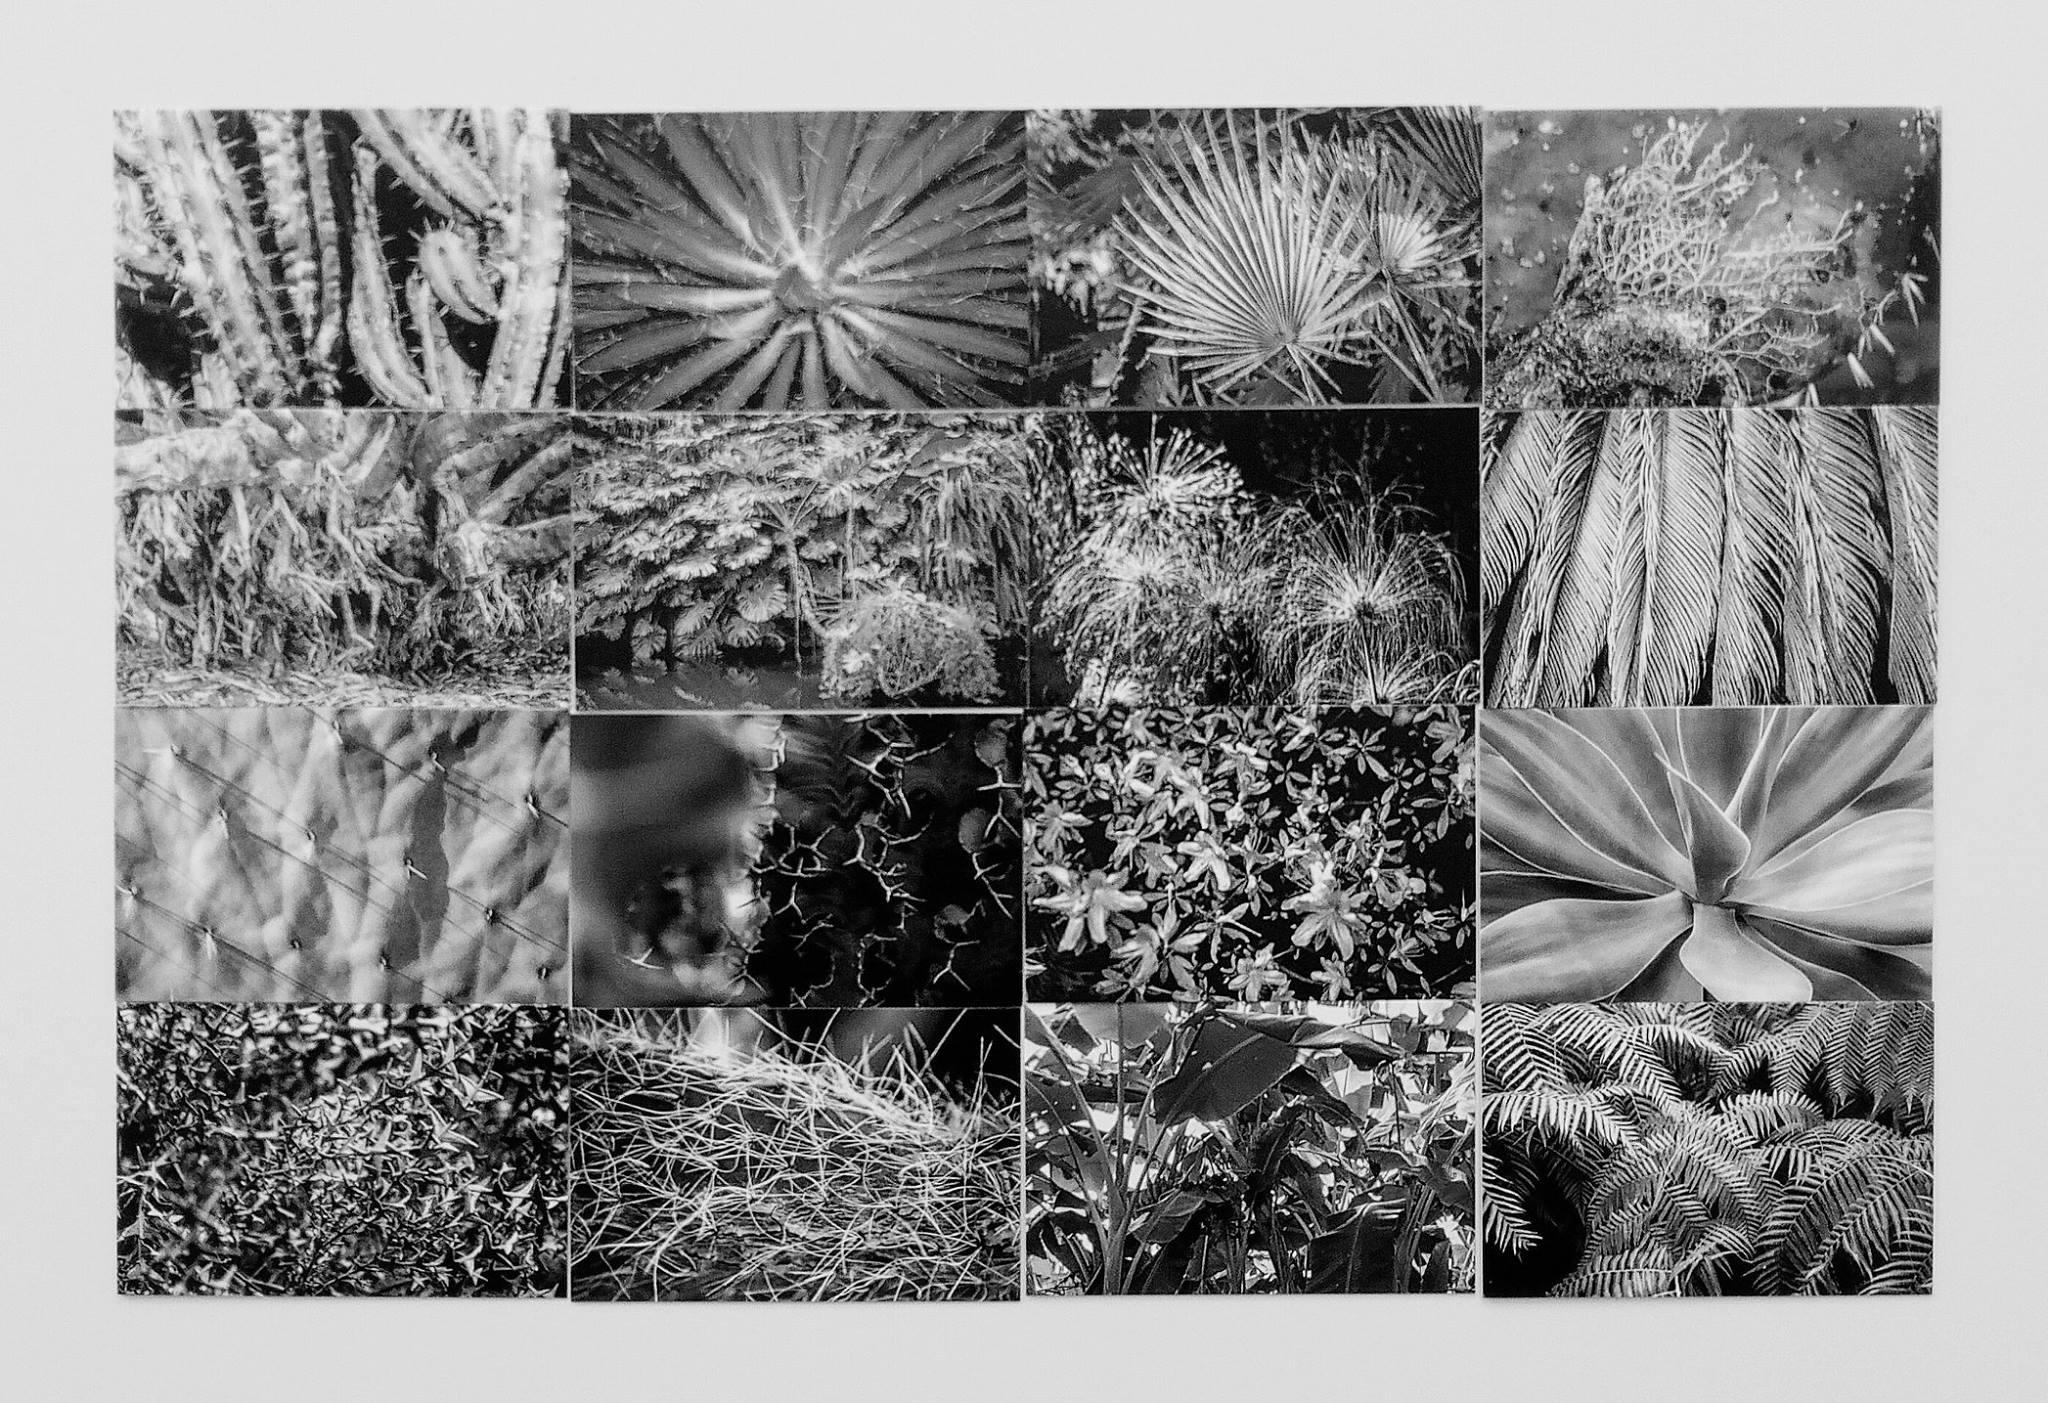 photographie d'art noir et blanc de végétaux, d'Antonin Amy-Menechetti.